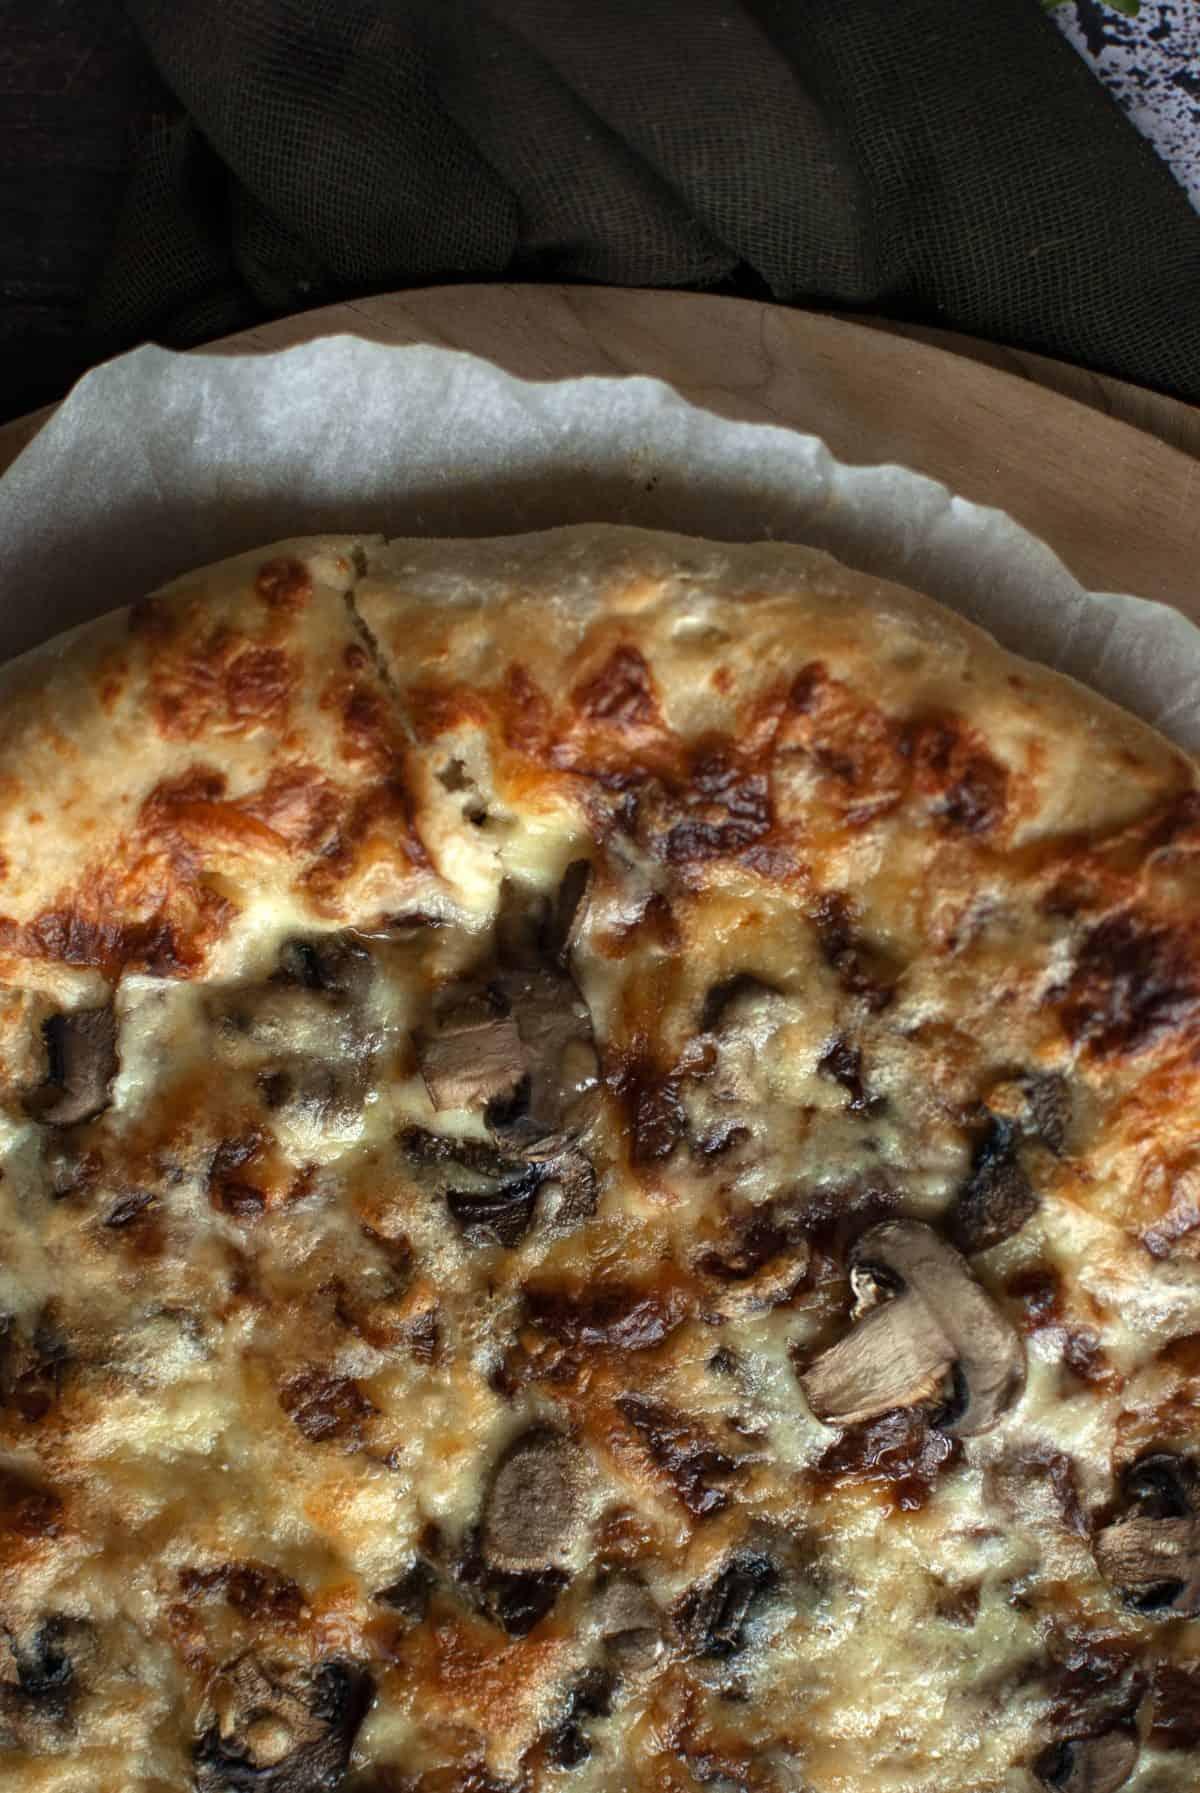 λευκή πίτσα, κατσικίσιο τυρί, λάδι τρούφας, pizza bianca